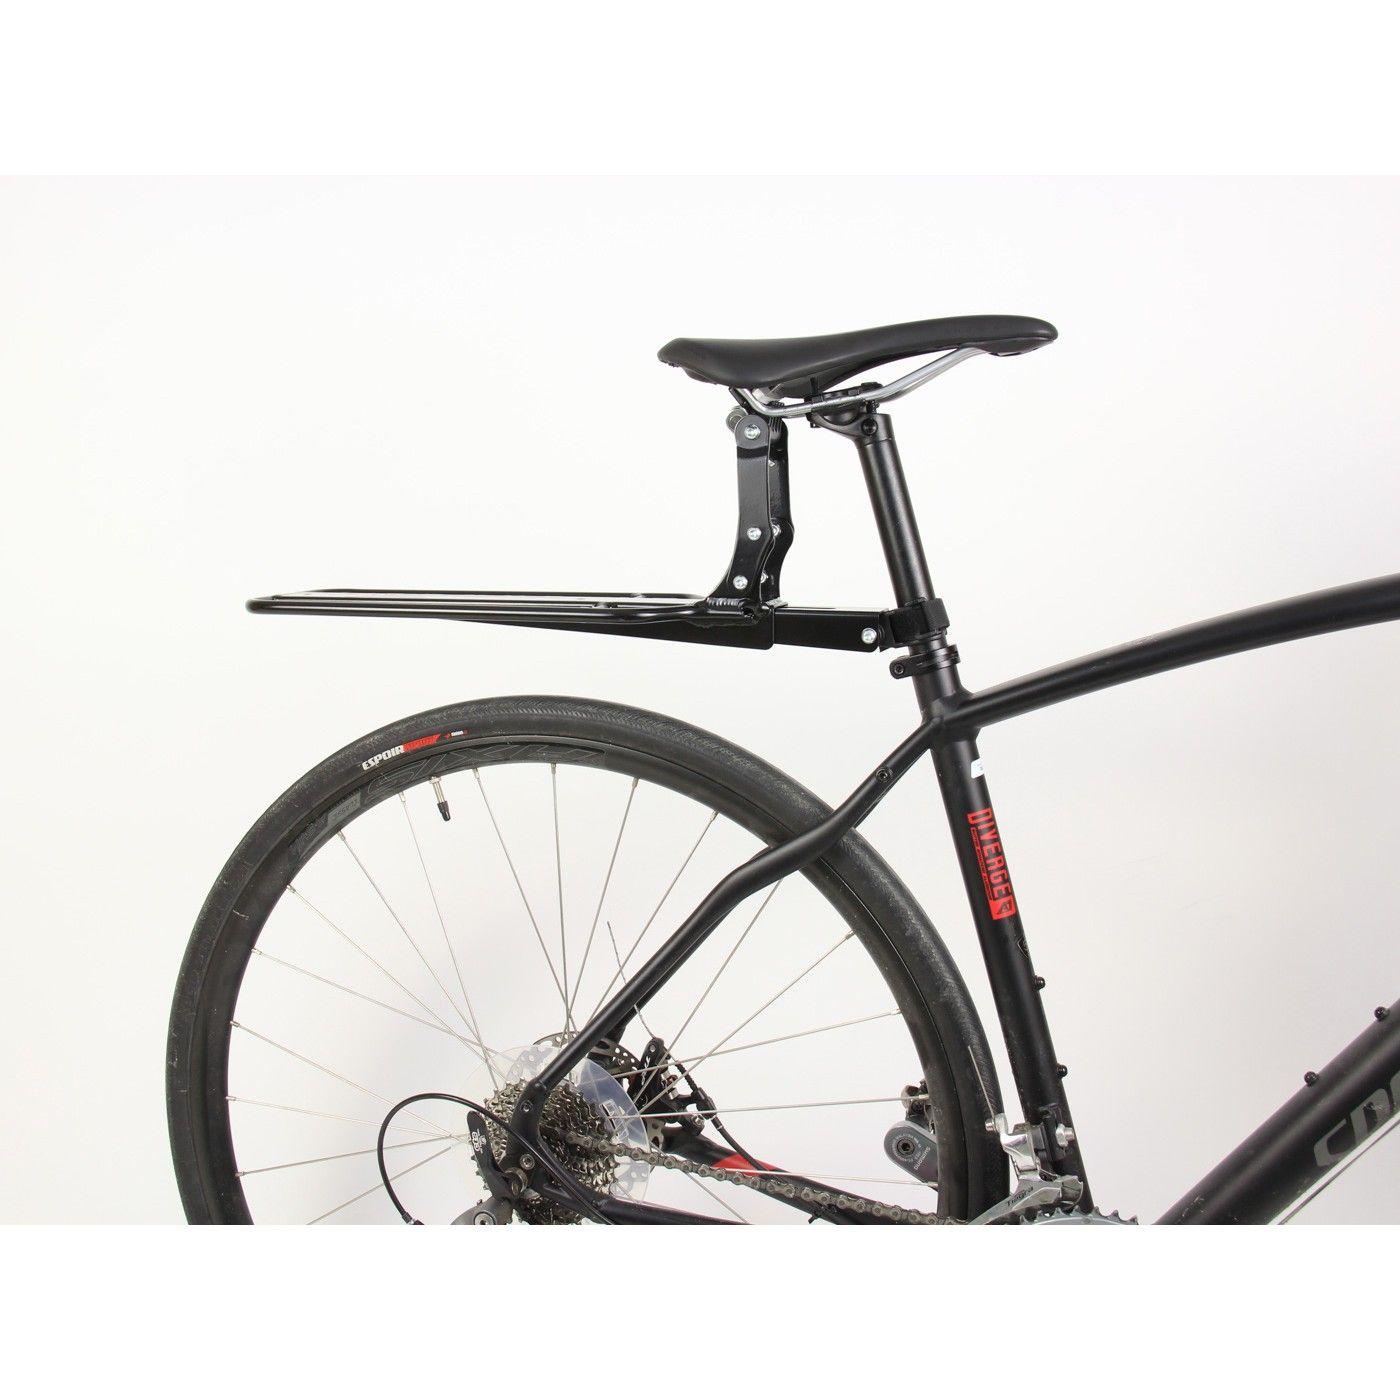 Arkel Randonneur Rack Seat Post Rack Carbon Seat Post Friendly Diy Bike Rack Bicycle Freestanding Bike Rack